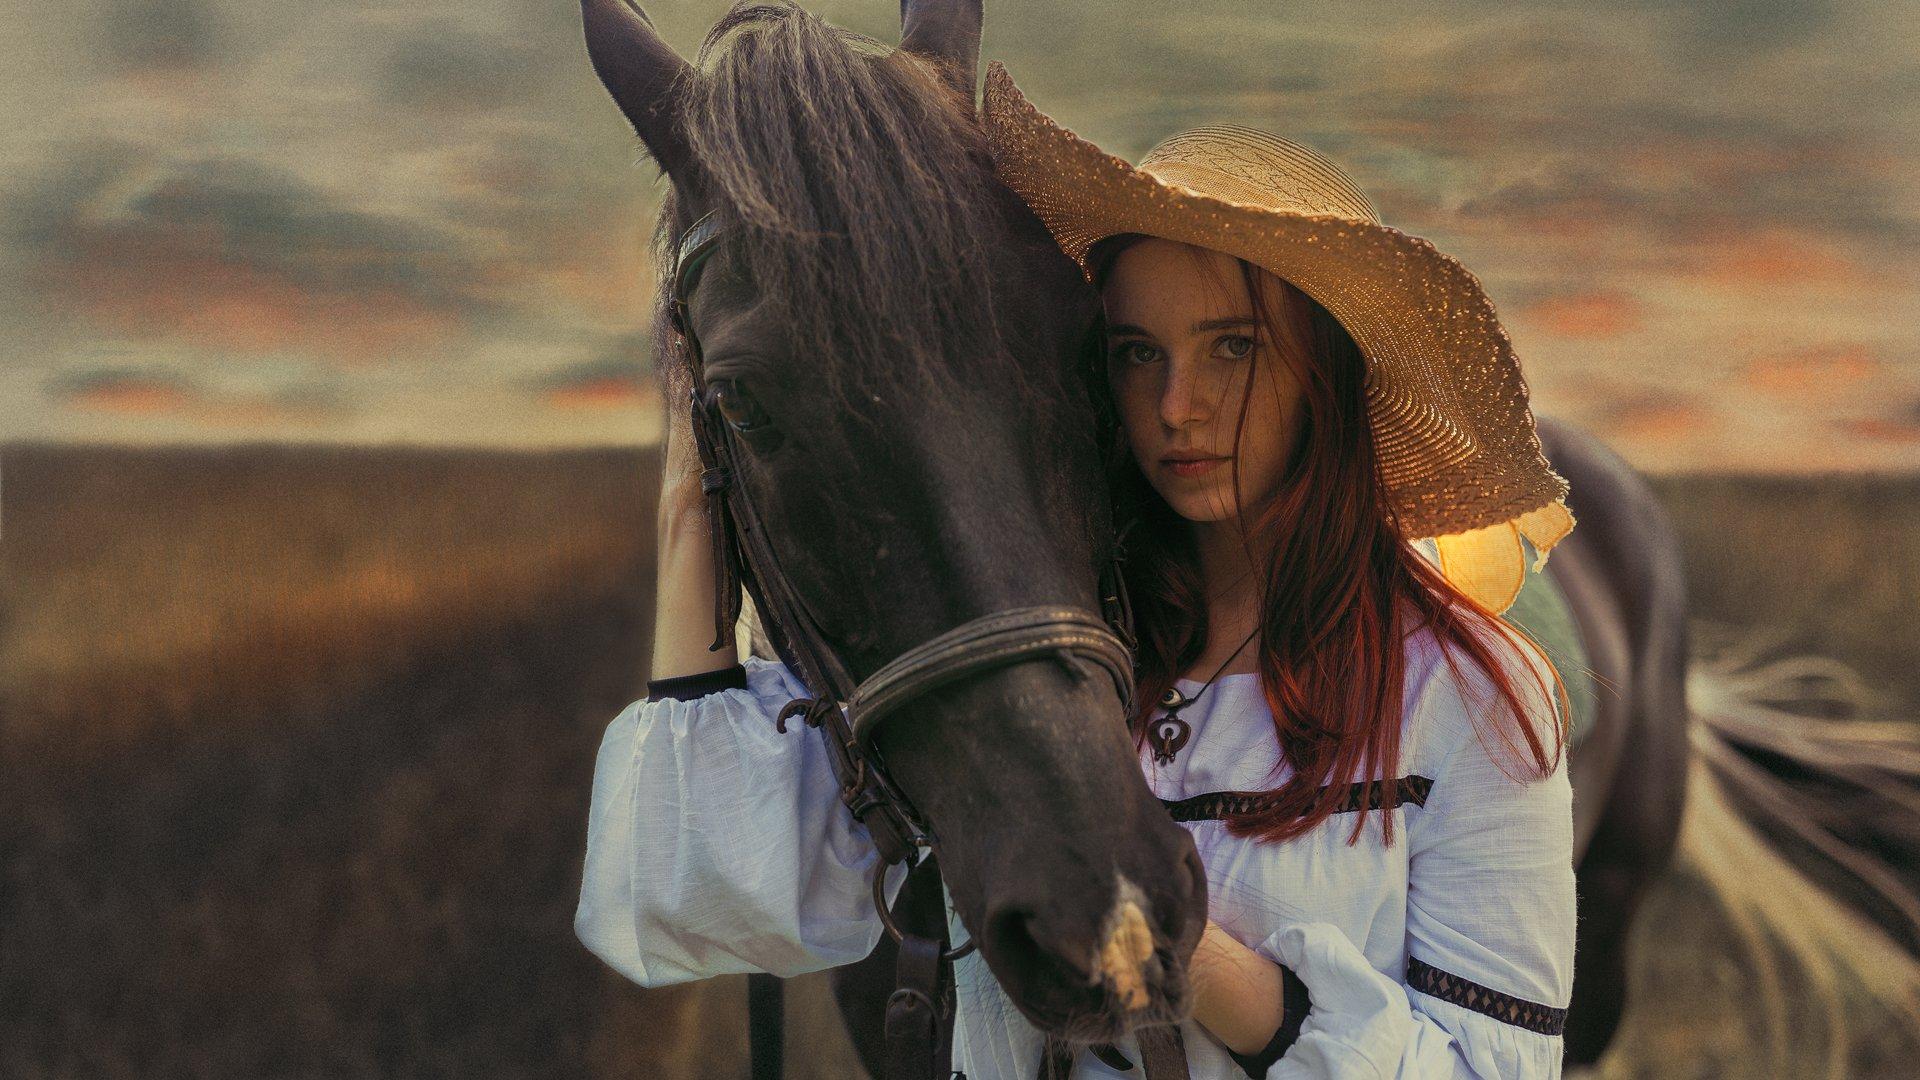 обработка, портрет, модель, арт, art, model, popular, народ, животные, Иван Лосев